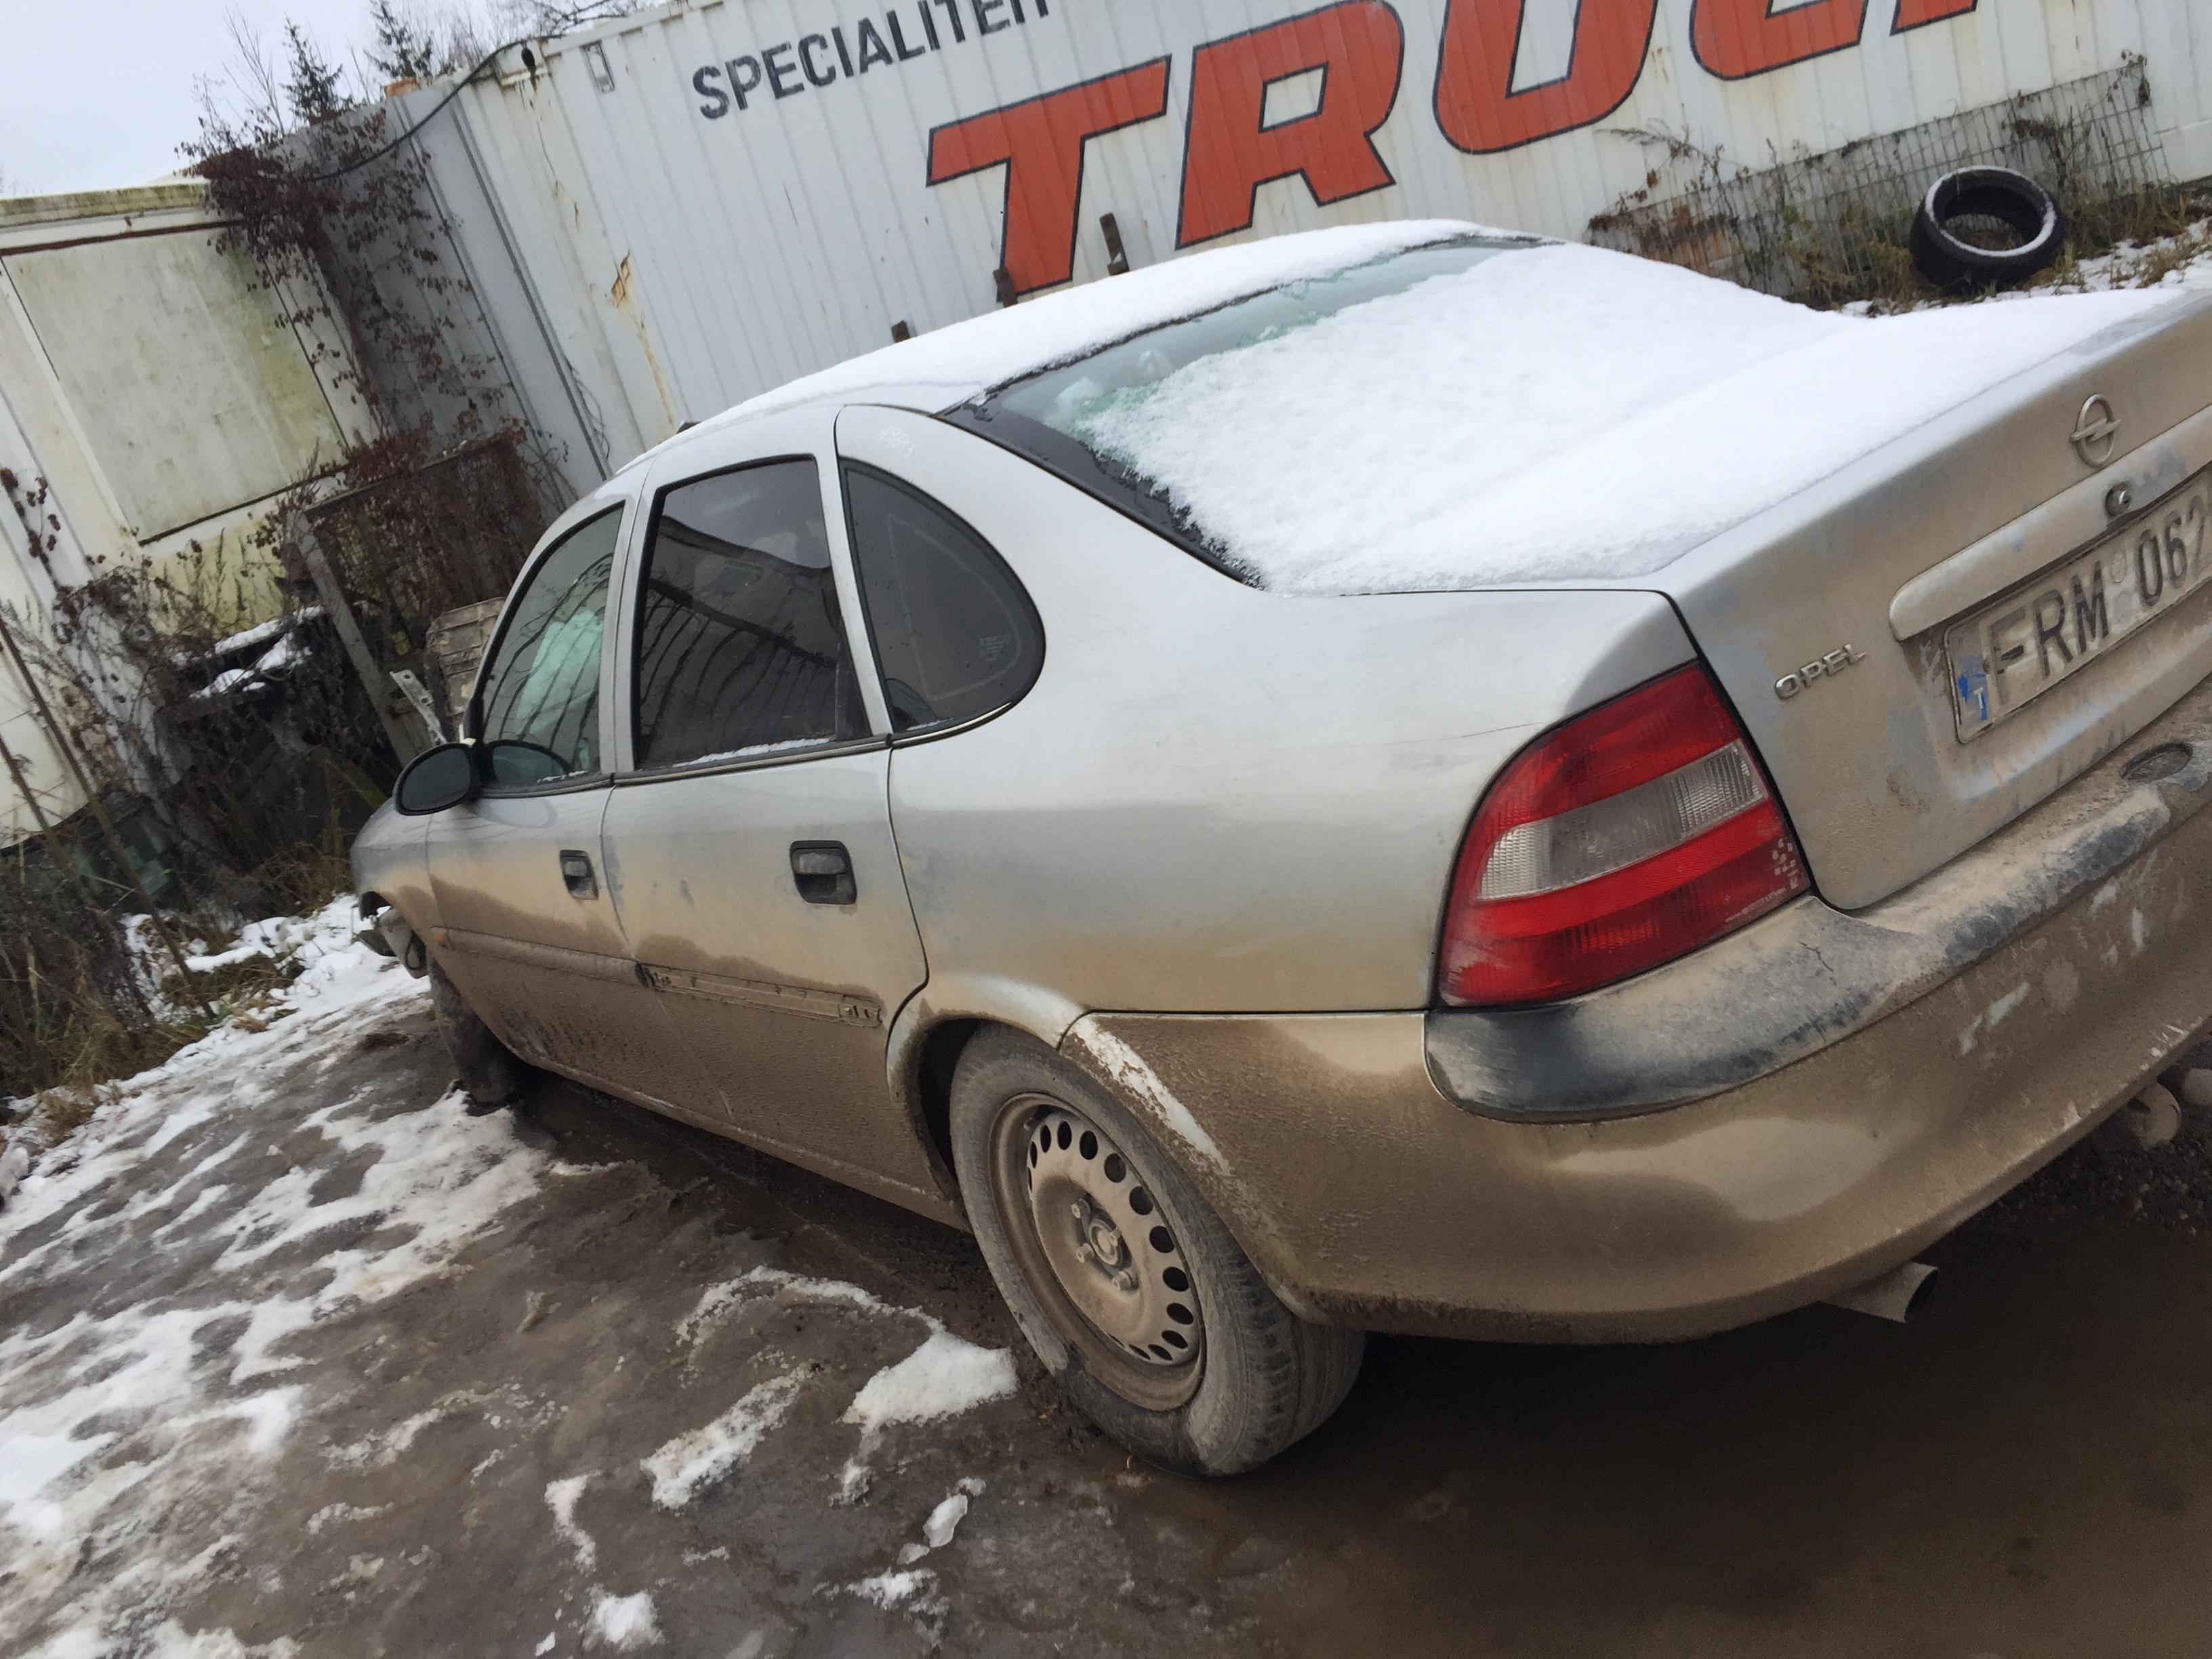 Подержанные Автозапчасти Foto 5 Opel VECTRA 1997 2.0 машиностроение седан 4/5 d. серебро 2017-12-06 A3548